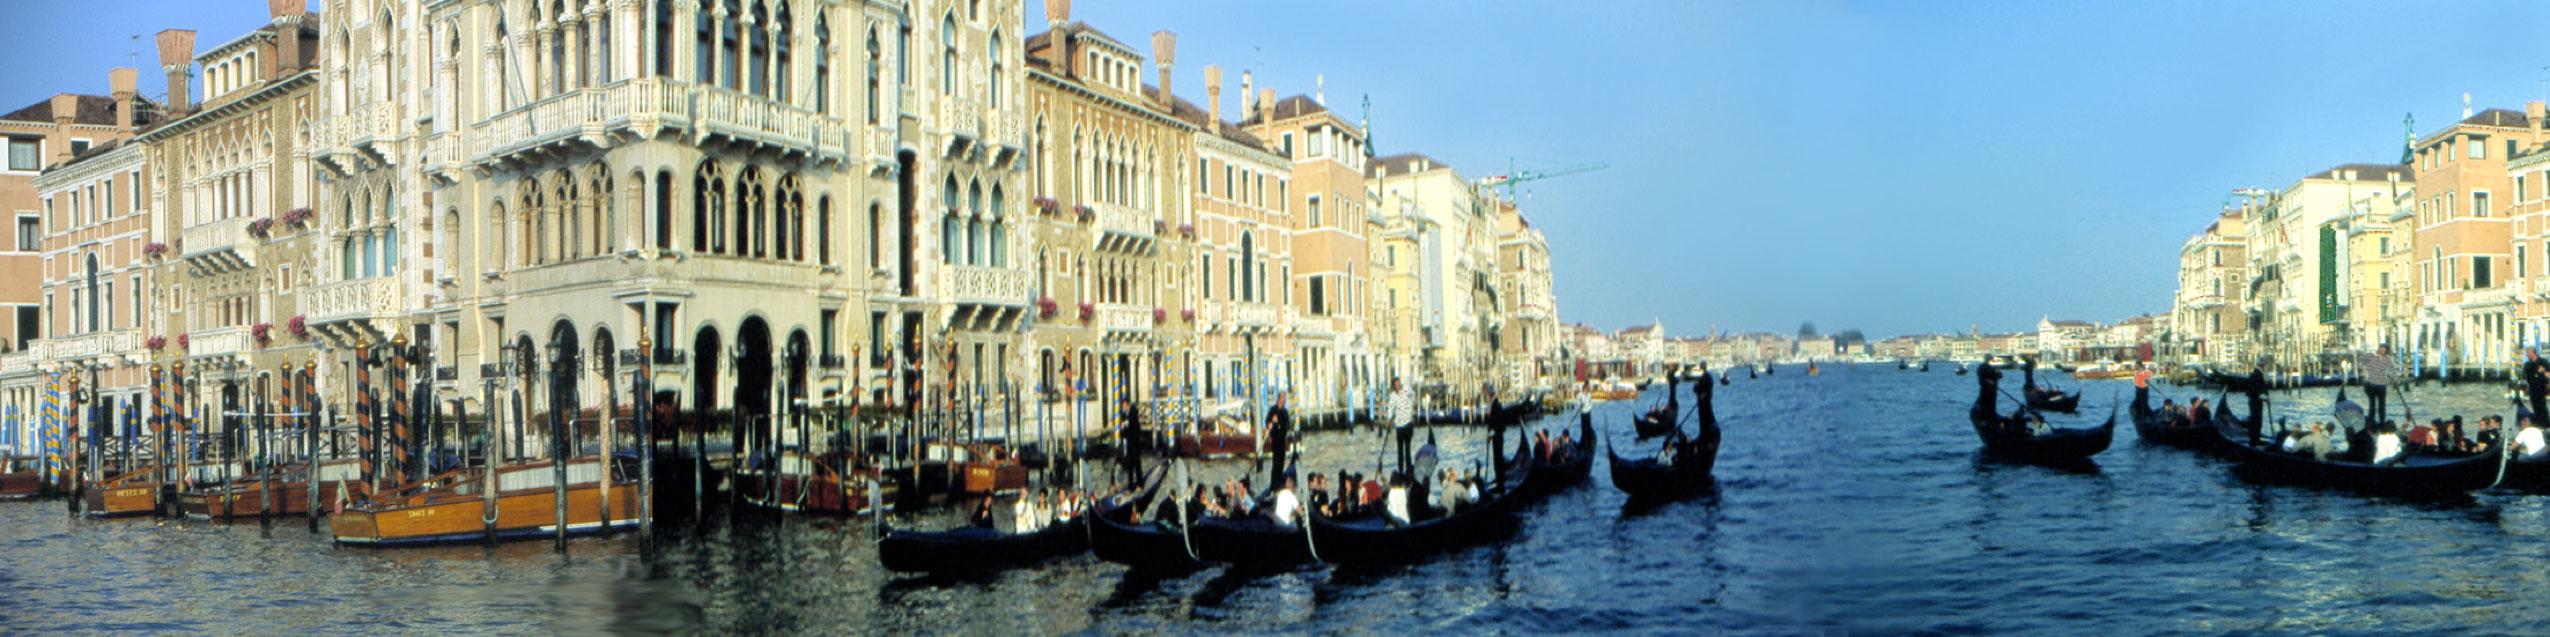 PRO_Venedig_Reihe3